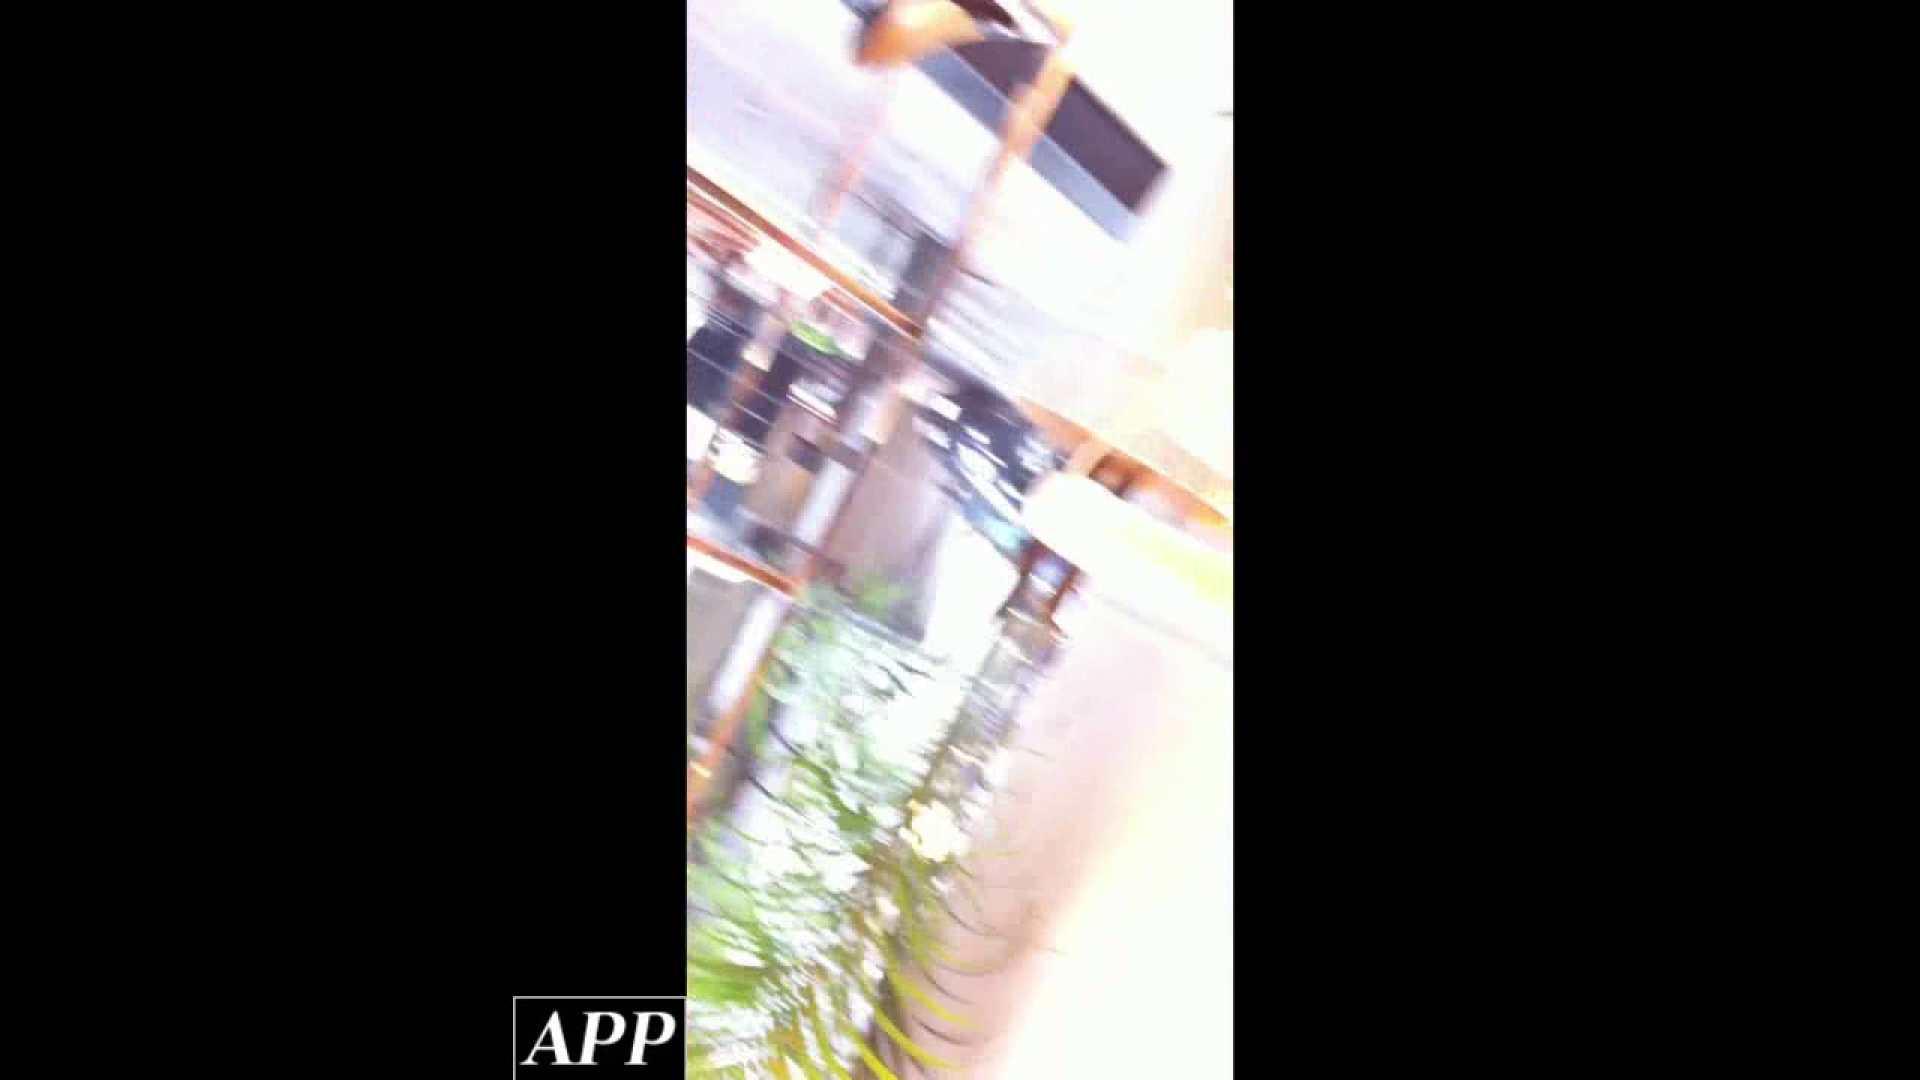 ハイビジョン盗撮!ショップ店員千人斬り!胸チラ編 vol.78 盗撮師作品 エロ画像 102pic 51